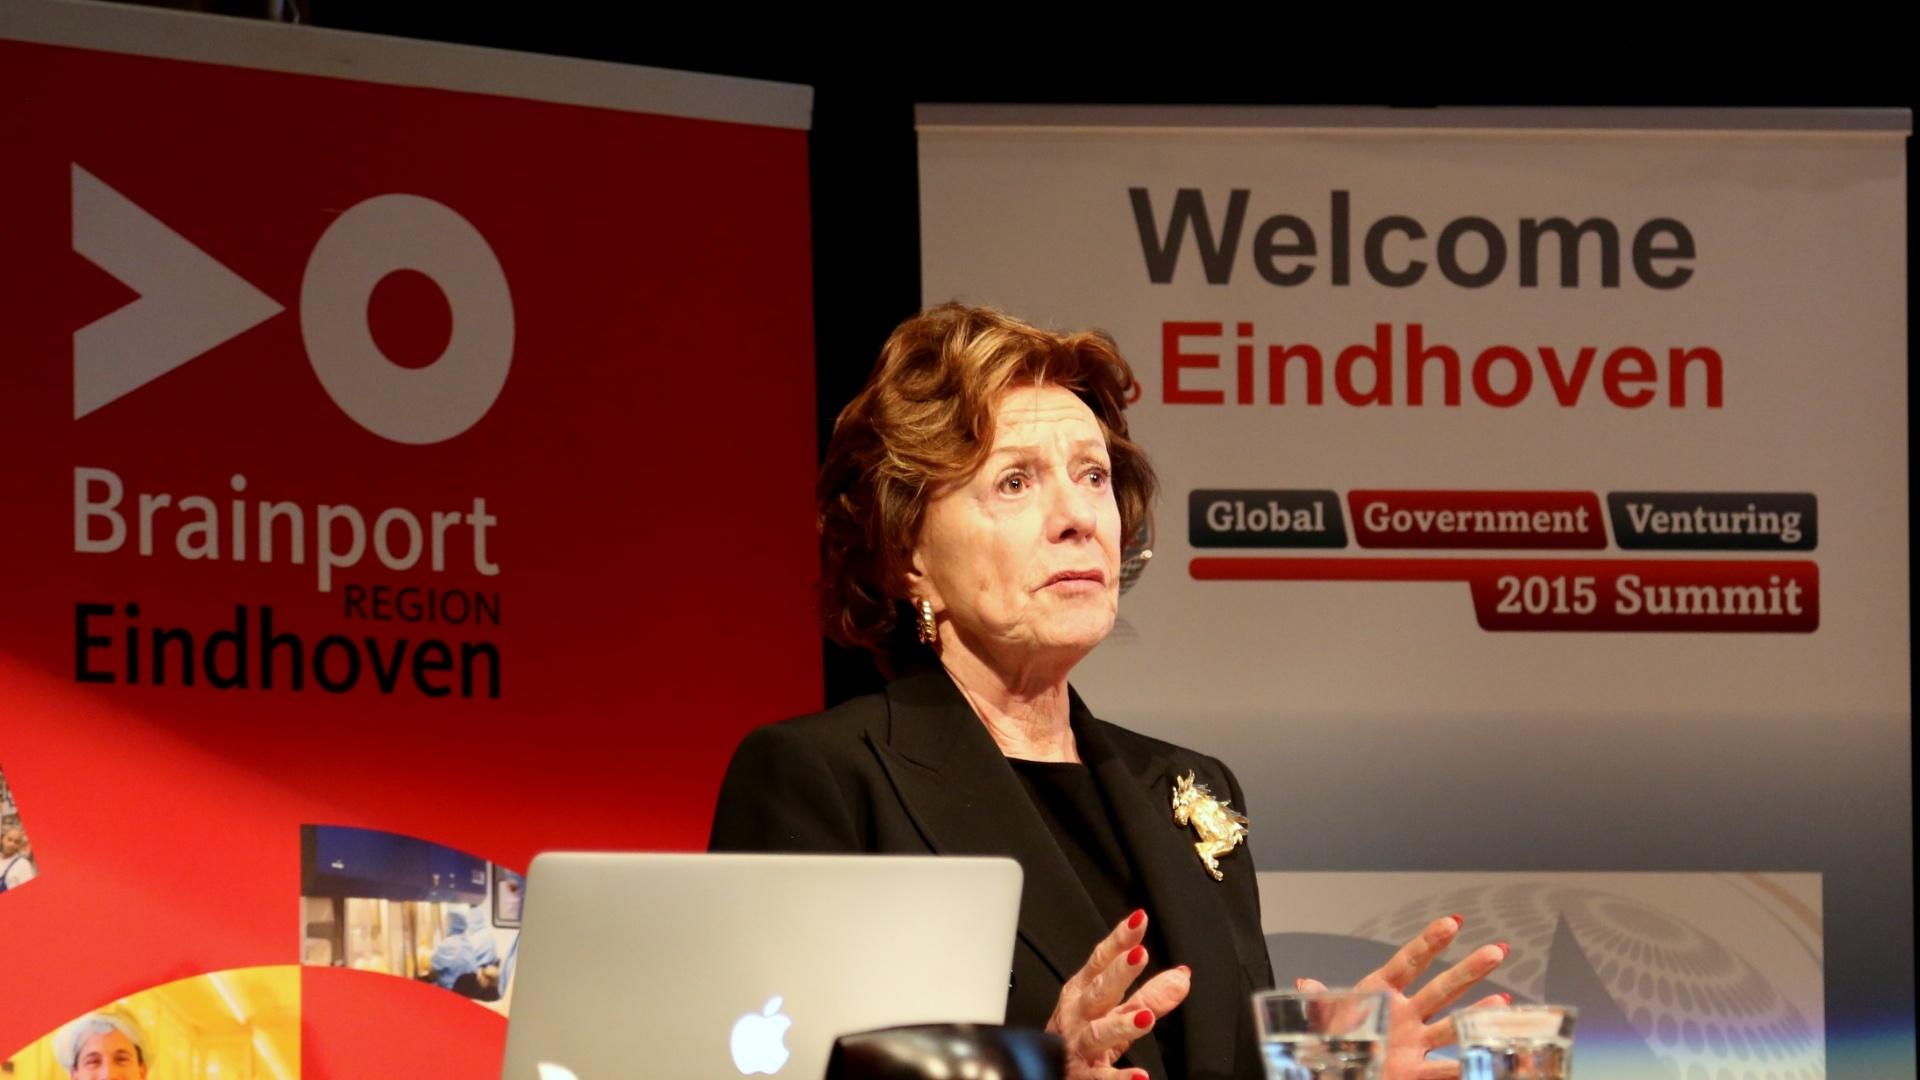 Neelie Kroes, Special Envoy StartupDelta